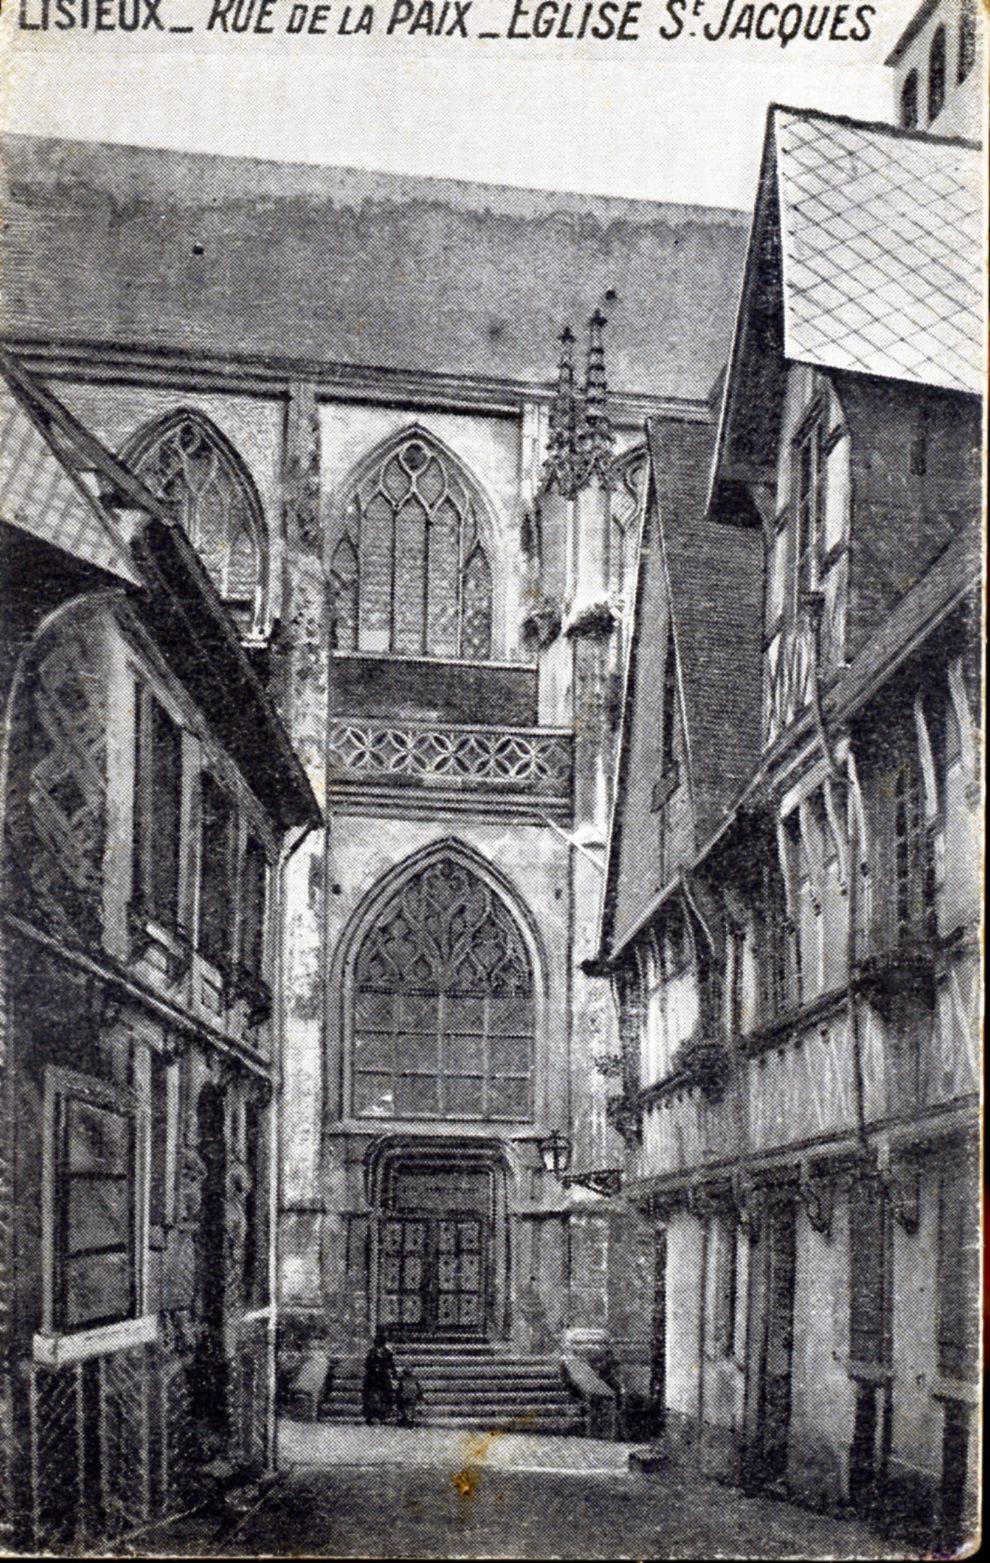 photo lisieux 14100 rue de la paix eglise saint jacques vers 1910 carte postale. Black Bedroom Furniture Sets. Home Design Ideas